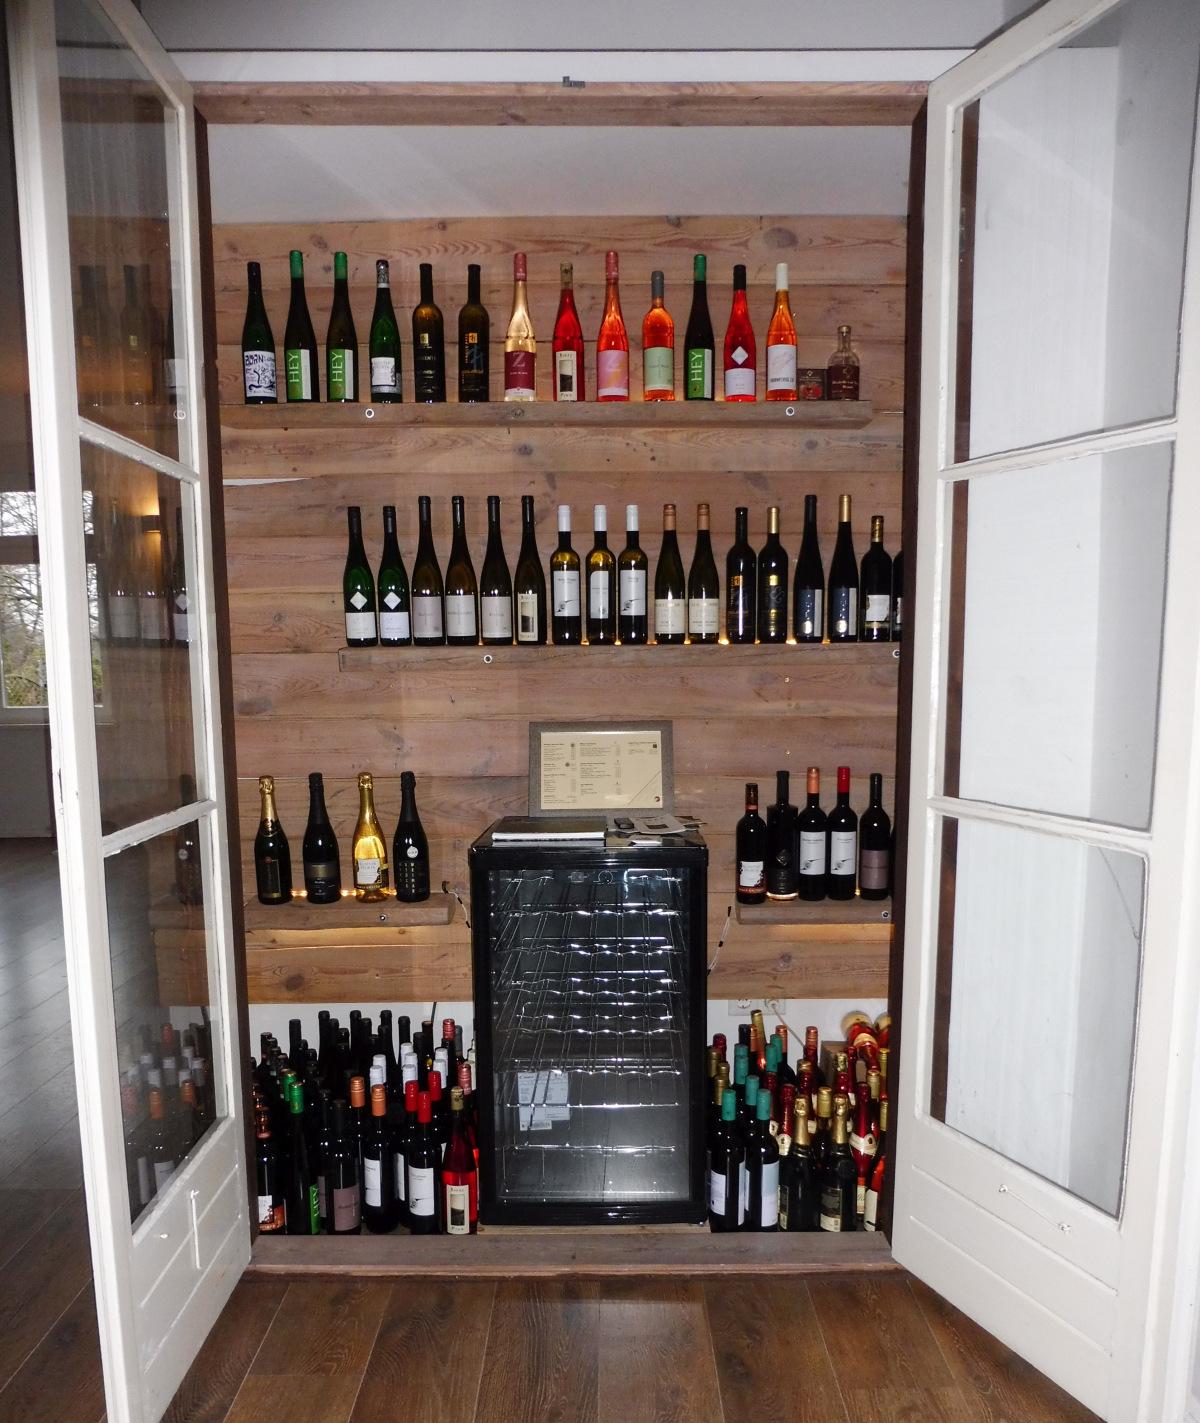 Weinschrank-Saale-Unstrut-Wein-Kaufen-Haus-am-Bauernse